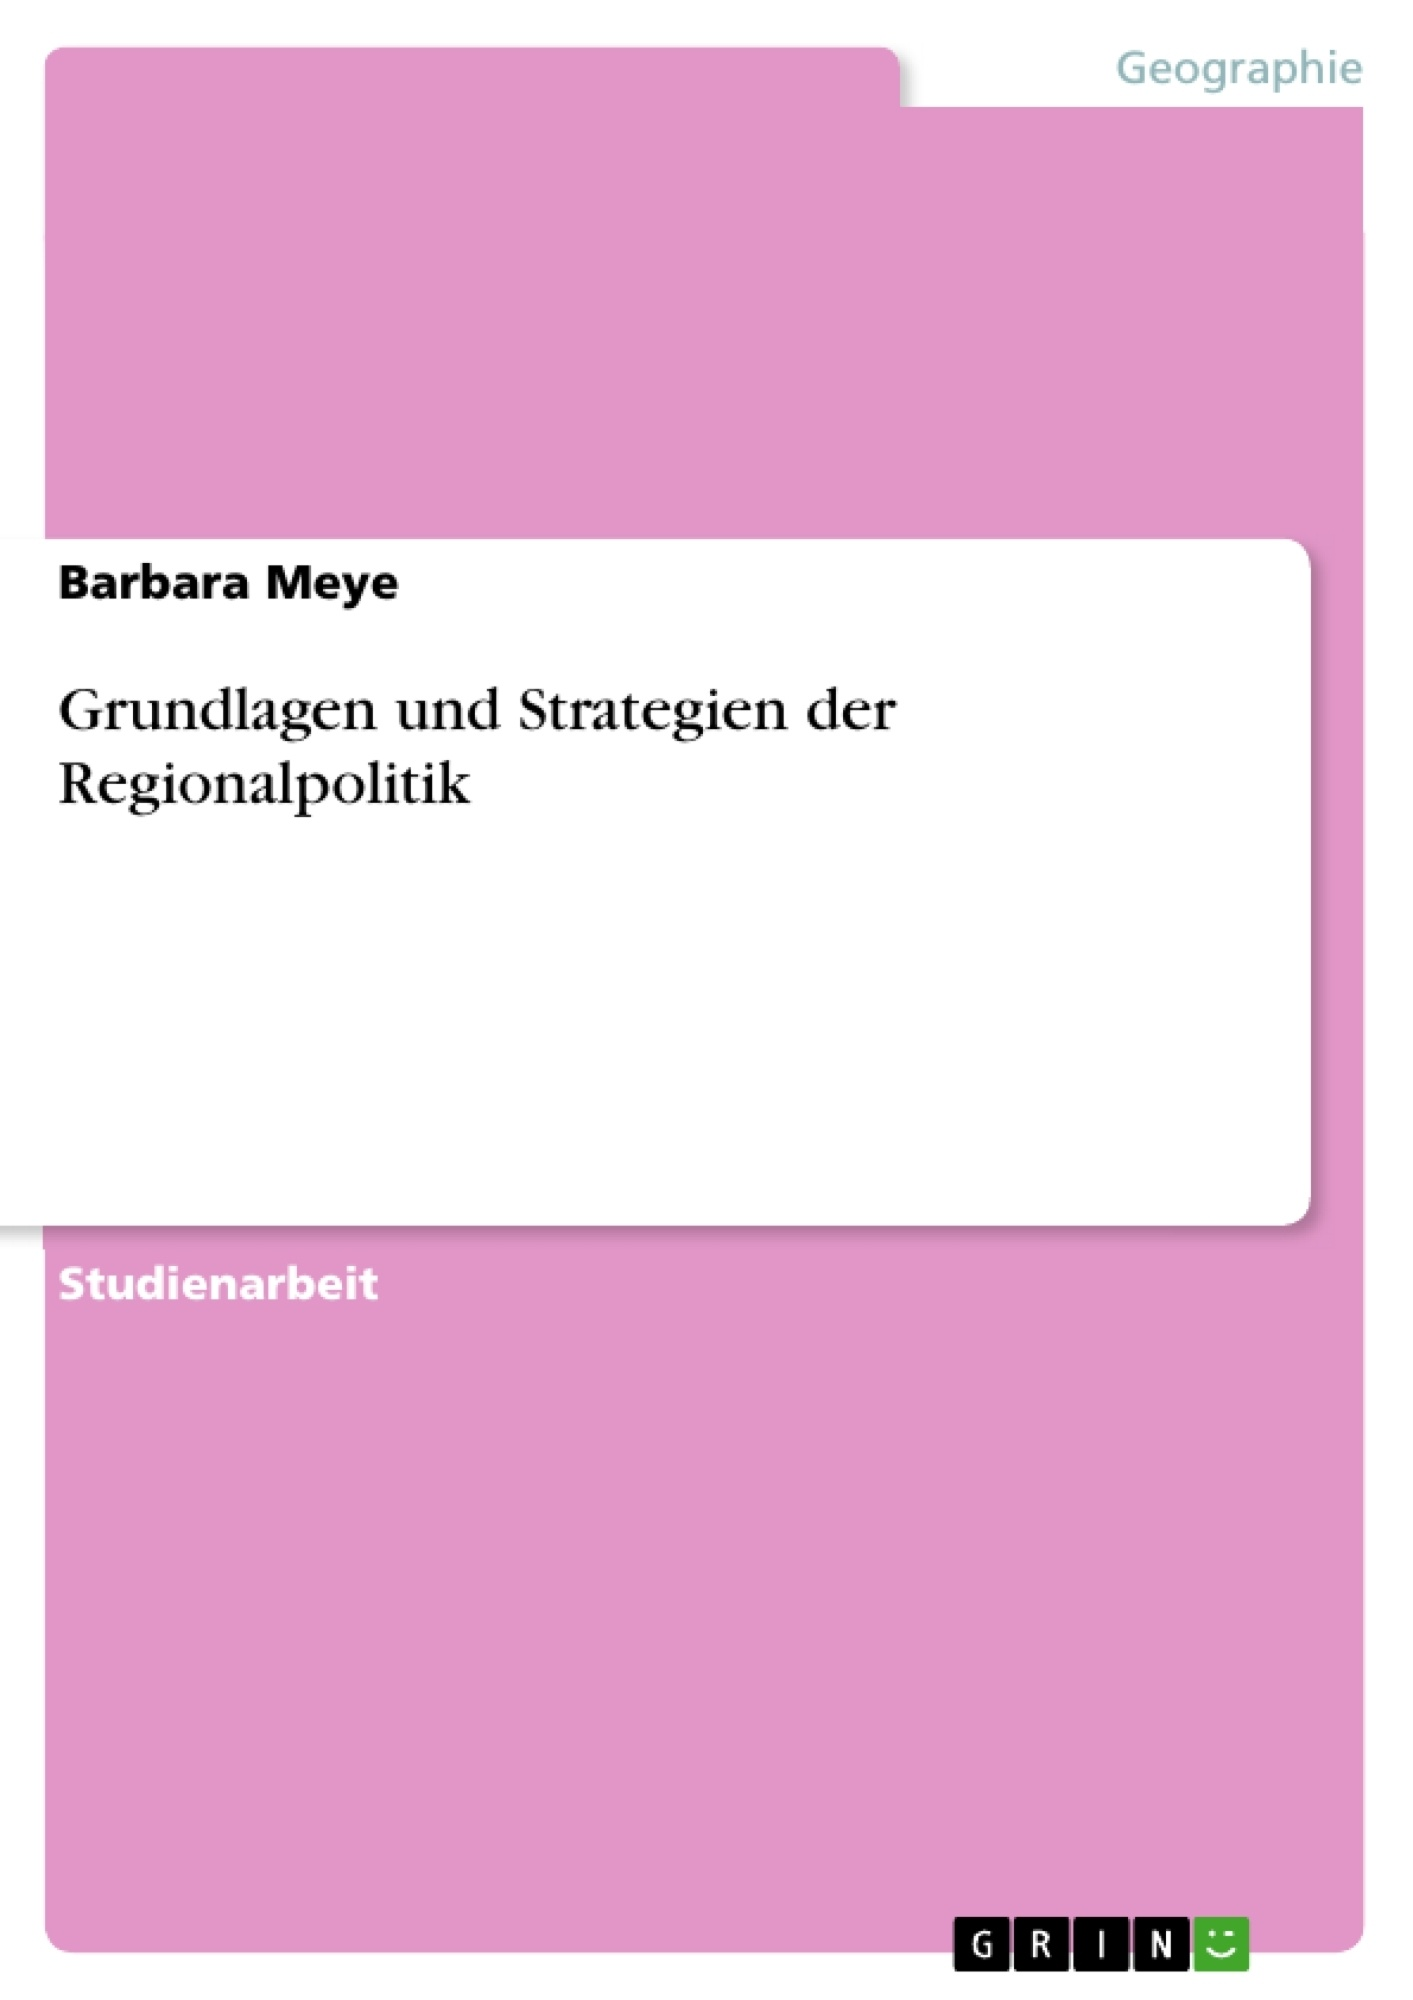 Titel: Grundlagen und Strategien der Regionalpolitik